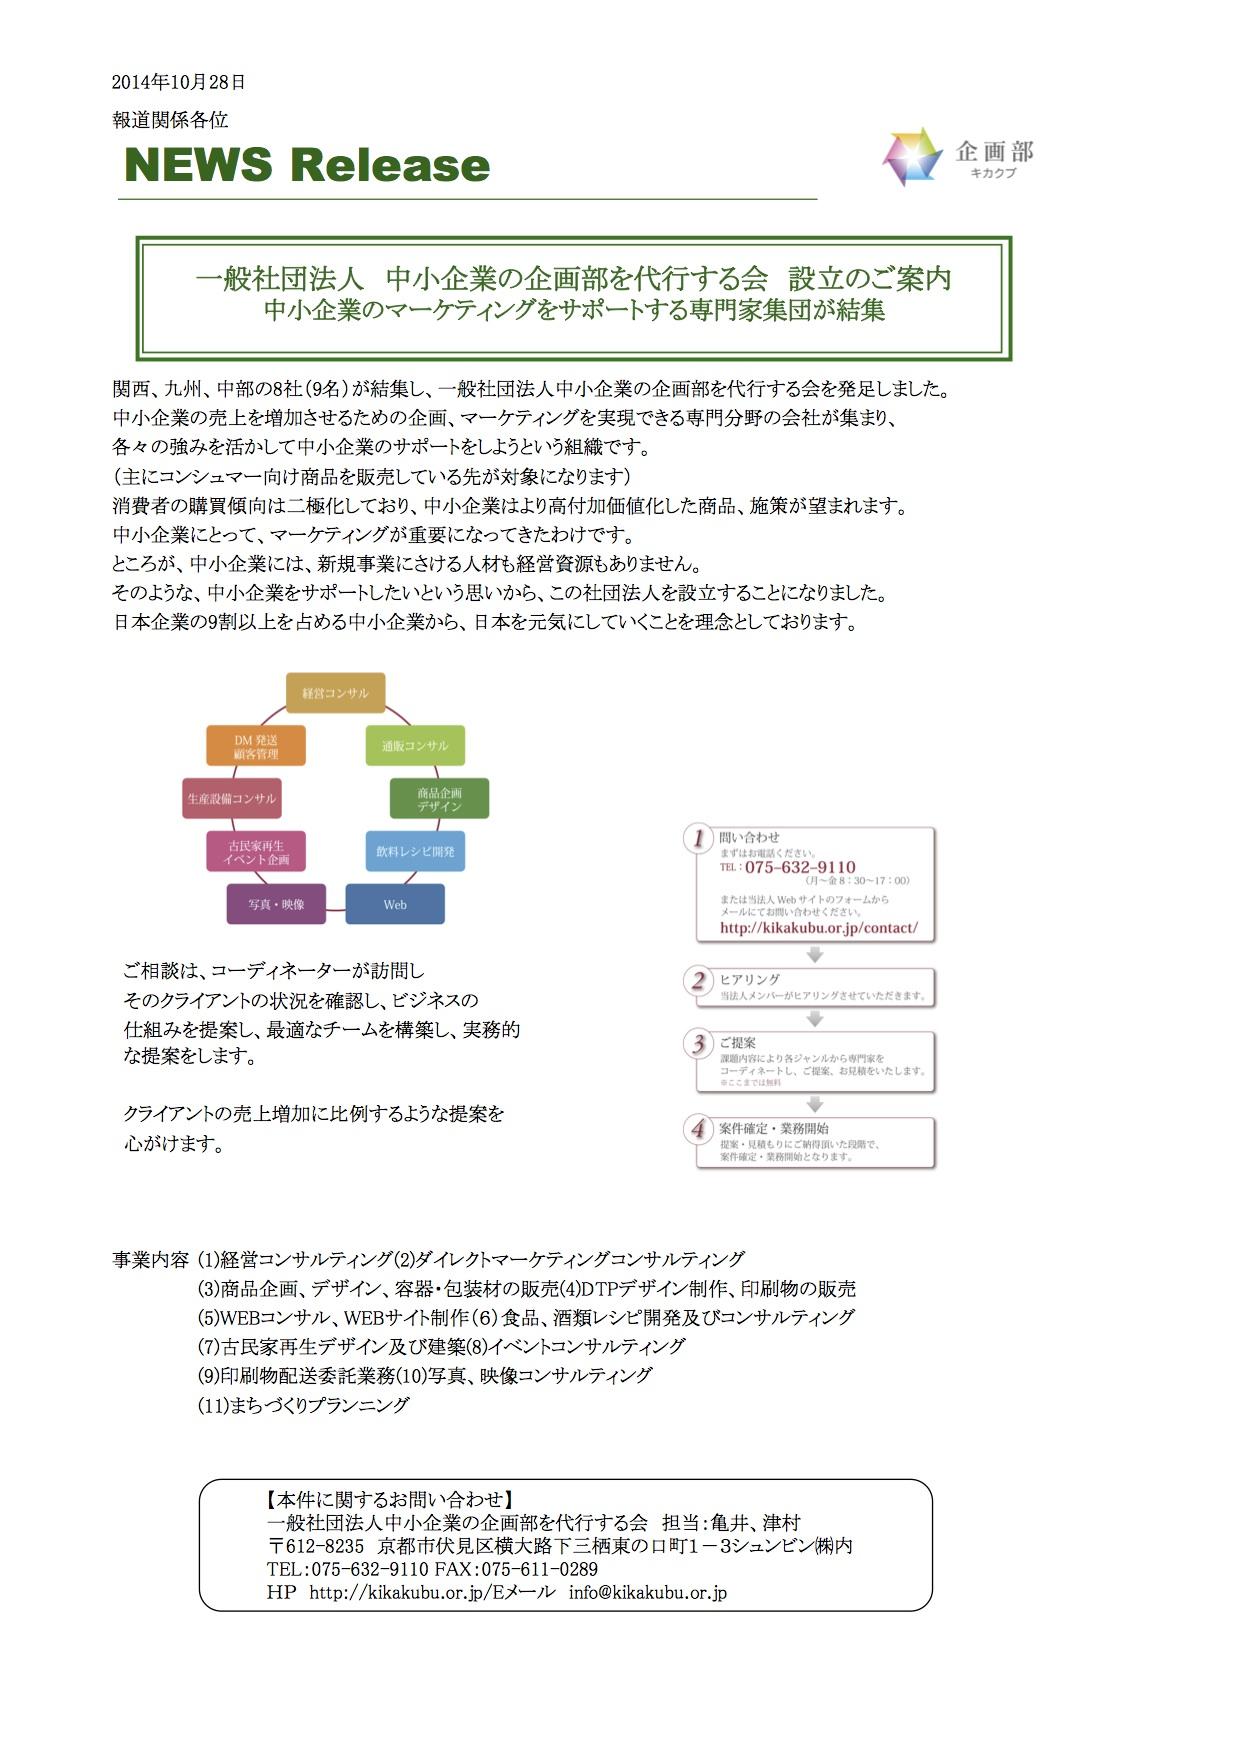 キカクブプレスリリース.jpg